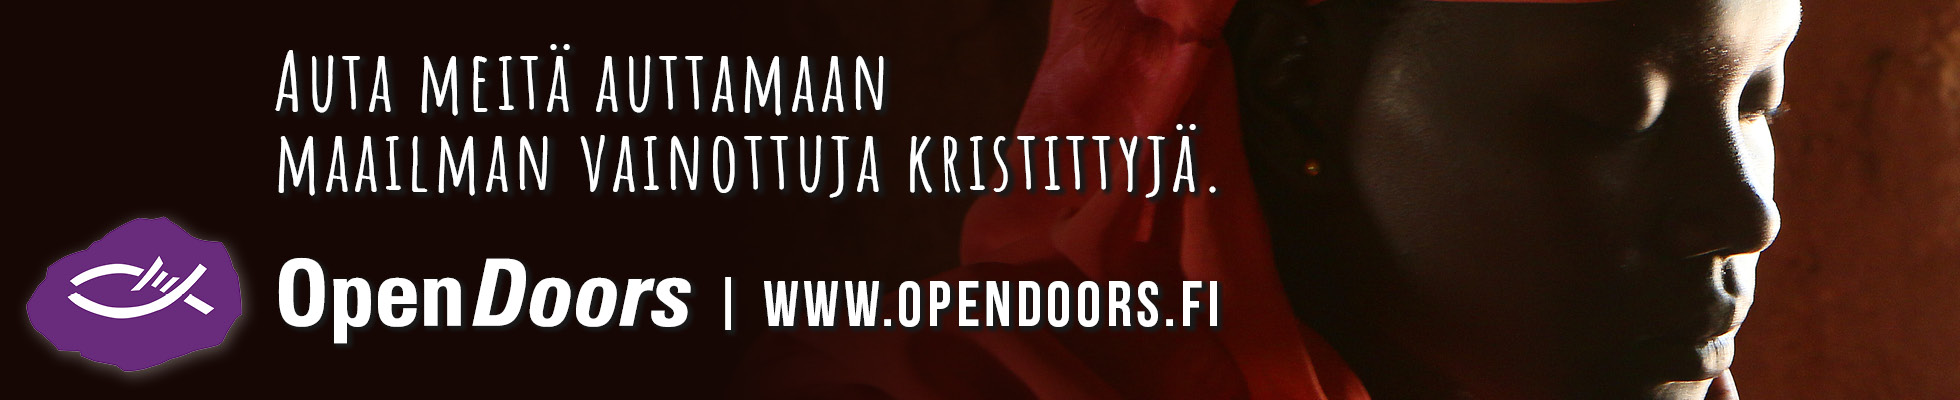 OpenDoors kevät 2017C